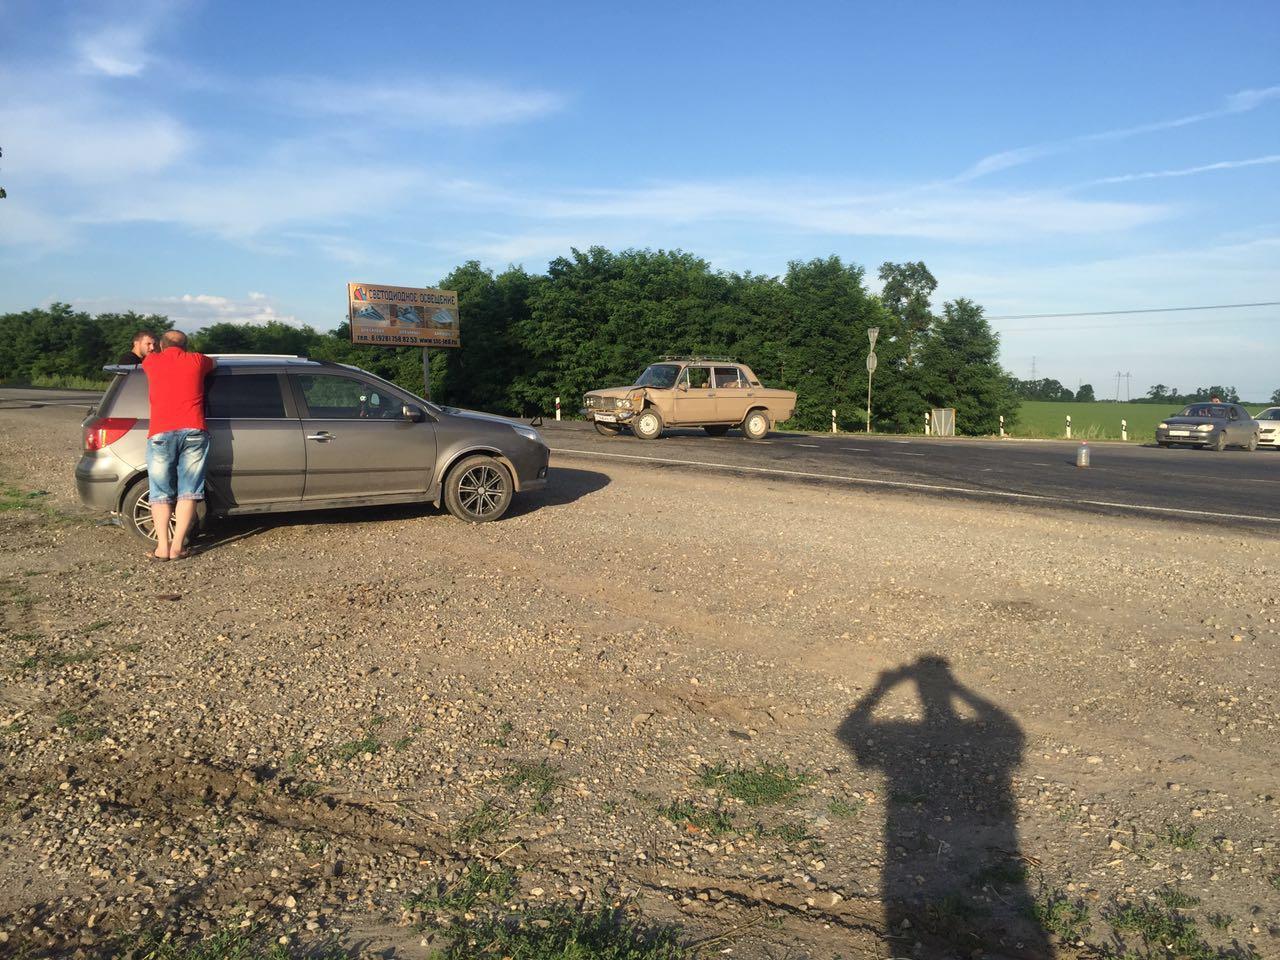 На трассе «Ростов-Таганрог» столкнулись Geely и «ВАЗ-2106», есть пострадавший